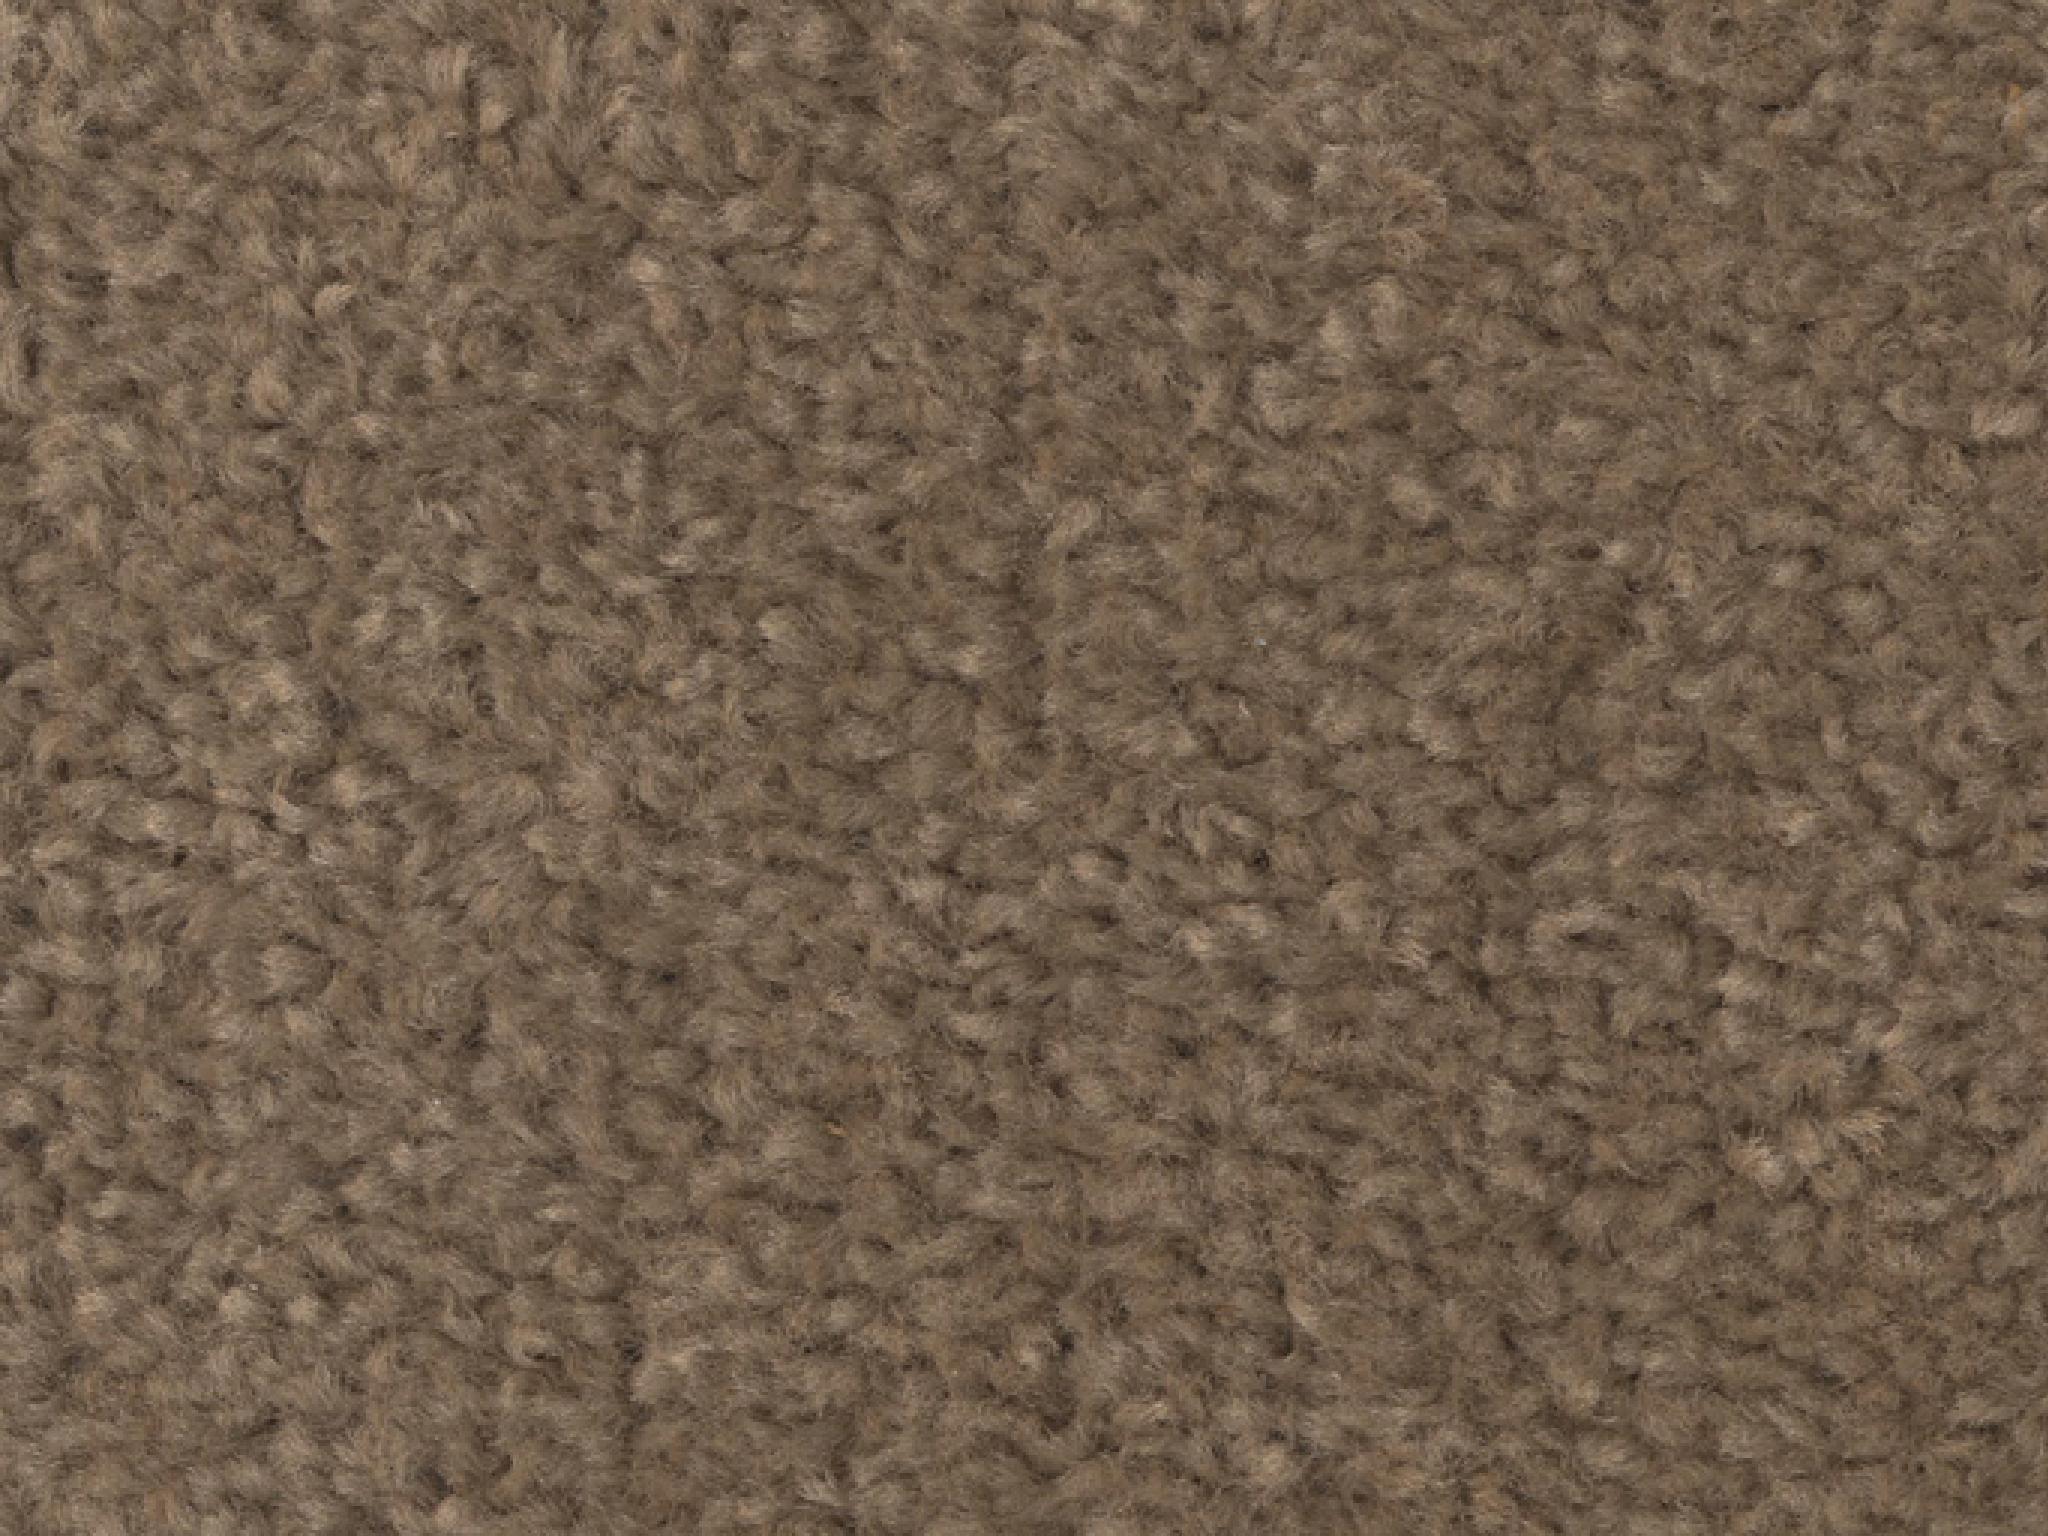 MAY_Decor_Carpet_Etching